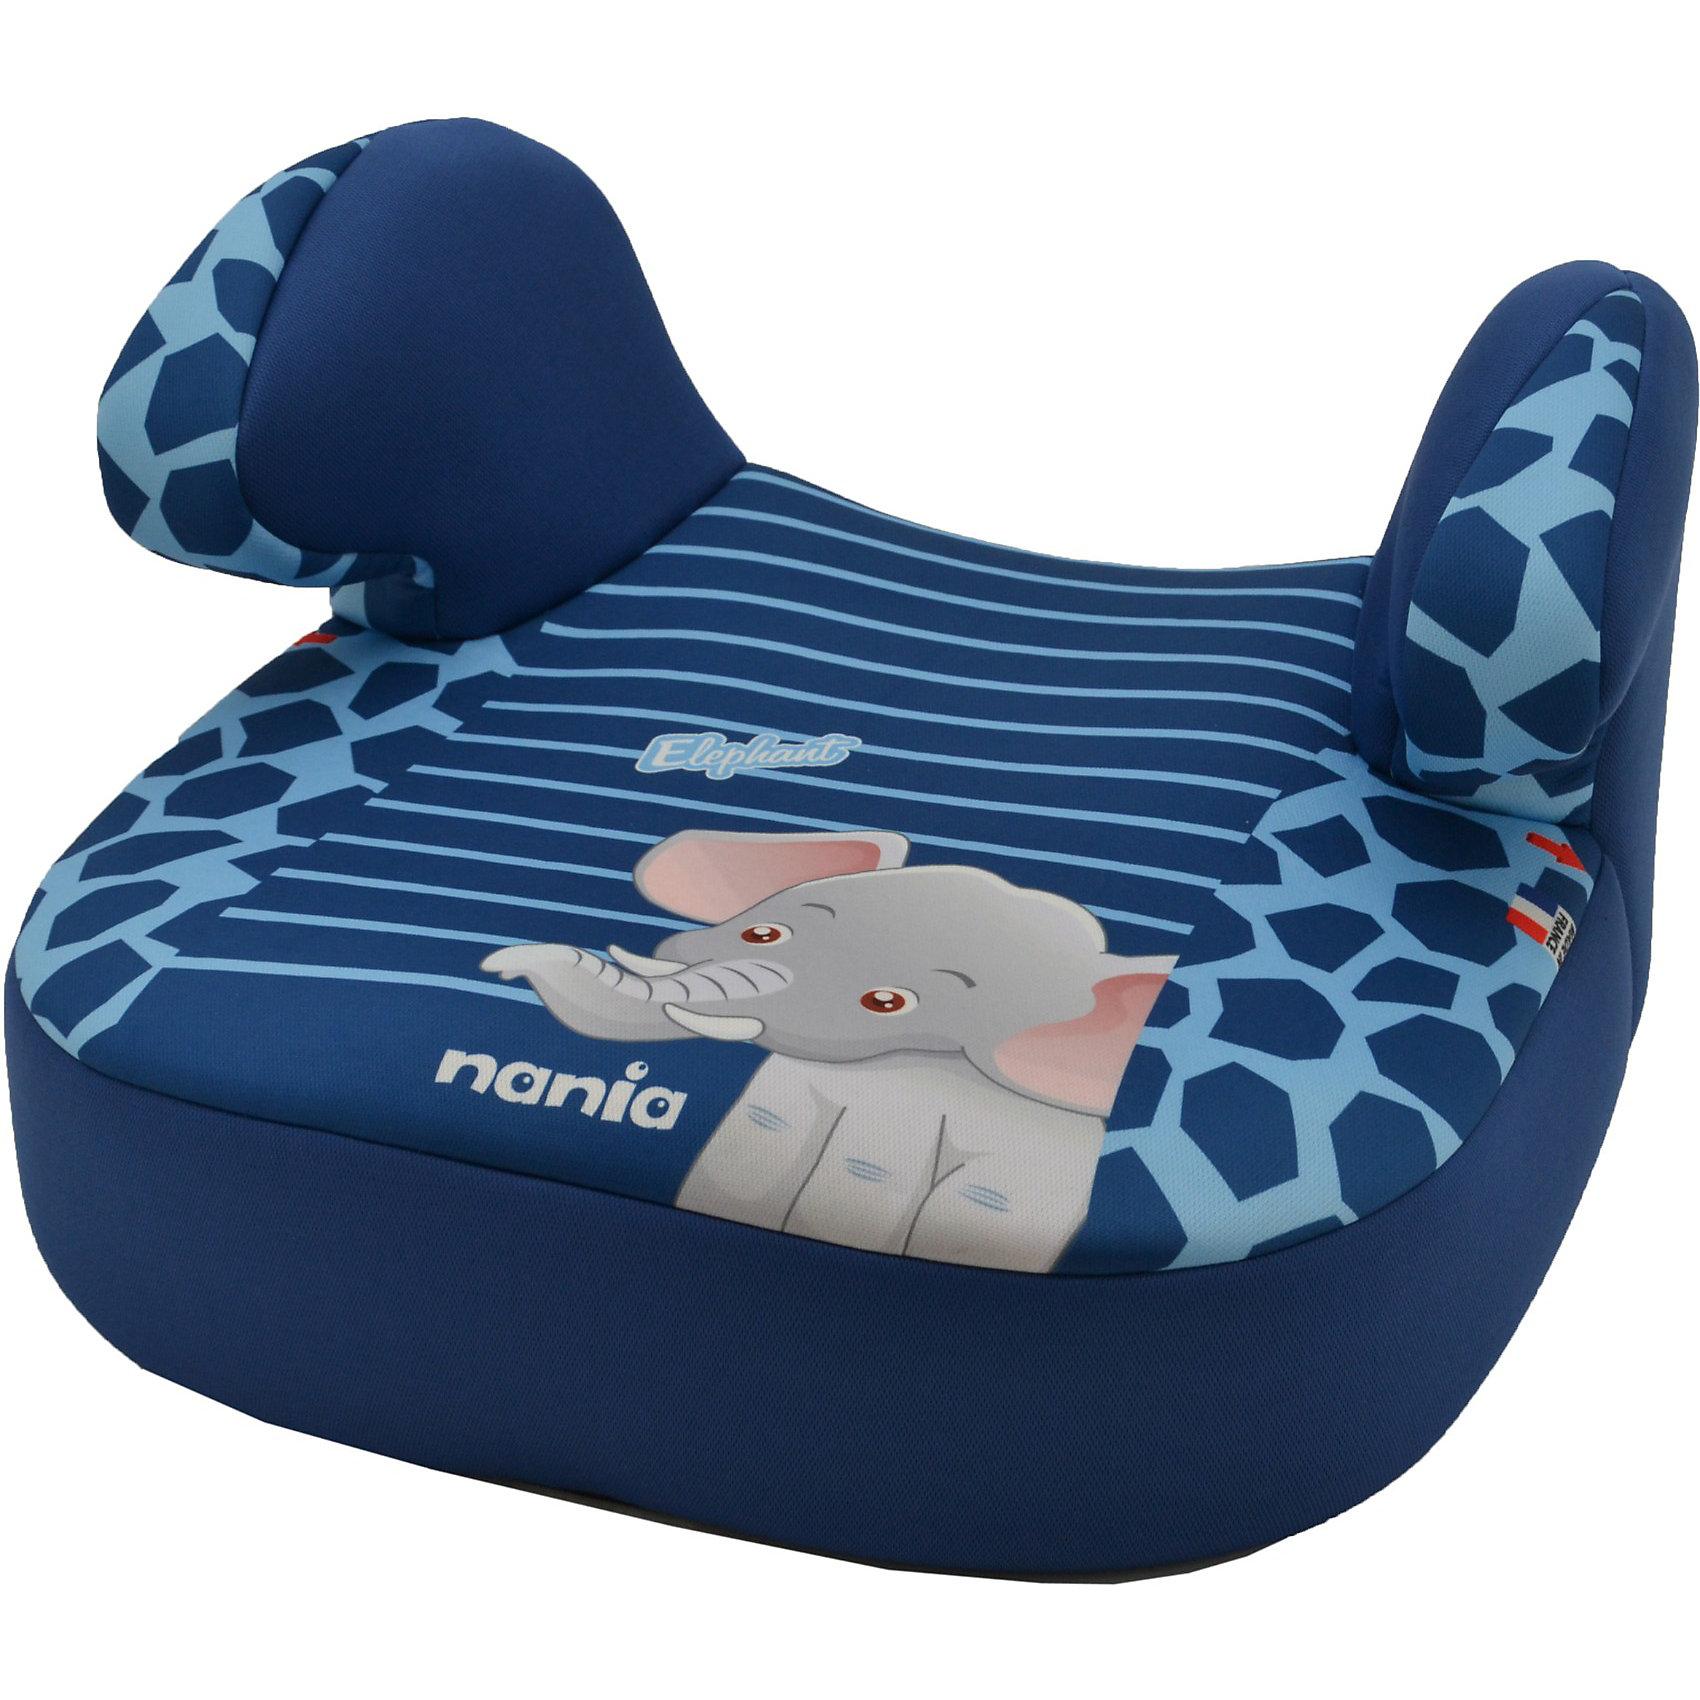 Автокресло-бустер Nania Dream, 15-36 кг, elephantБустеры<br>Автокресло-бустер Dream, 15-36 кг.,  Nania, elephant - комфортная и надежная модель, которая сделает поездку Вашего ребенка приятной и безопасной. Кресло представляет из себя бустер с сиденьем анатомической формы, мягким покрытием и удобными подлокотниками, которые обеспечивают ребенку комфорт во время путешествия. Прочный полипропиленовый каркас создает дополнительную безопасность.<br><br>Кресло устанавливается в салоне штатными 3-х точечными ремнями безопасности на заднем сиденье с краю или переднем сиденье лицом по ходу движения автомобиля. Кресло изготовлено из высококачественных материалов, тканевые чехлы снимаются для чистки или стирки. Рассчитано на детей от 4 лет до 12 лет, весом 15-36 кг.<br><br>Дополнительная информация:<br><br>- Цвет: elephant (синий/голубой, рисунок слон). <br>- Материал: полиэстер, пластик.<br>- Размер: 47 x 44 x 20 см.<br>- Вес: 3 кг.<br><br>Автокресло-бустер Dream, 15-36 кг.,  Nania, elephant можно купить в нашем интернет-магазине.<br><br>Ширина мм: 410<br>Глубина мм: 430<br>Высота мм: 260<br>Вес г: 6720<br>Возраст от месяцев: 36<br>Возраст до месяцев: 144<br>Пол: Унисекс<br>Возраст: Детский<br>SKU: 3756337